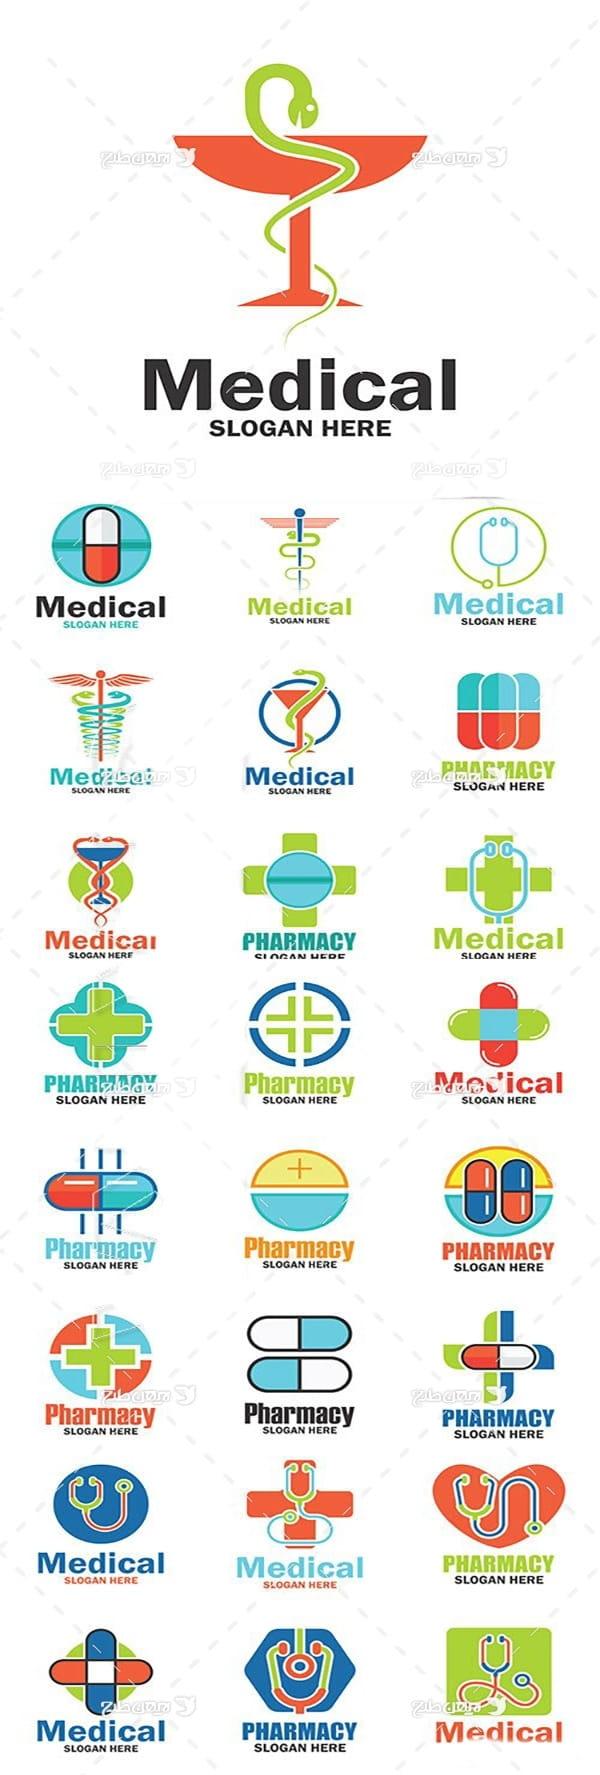 لوگو با موضوع پزشکی